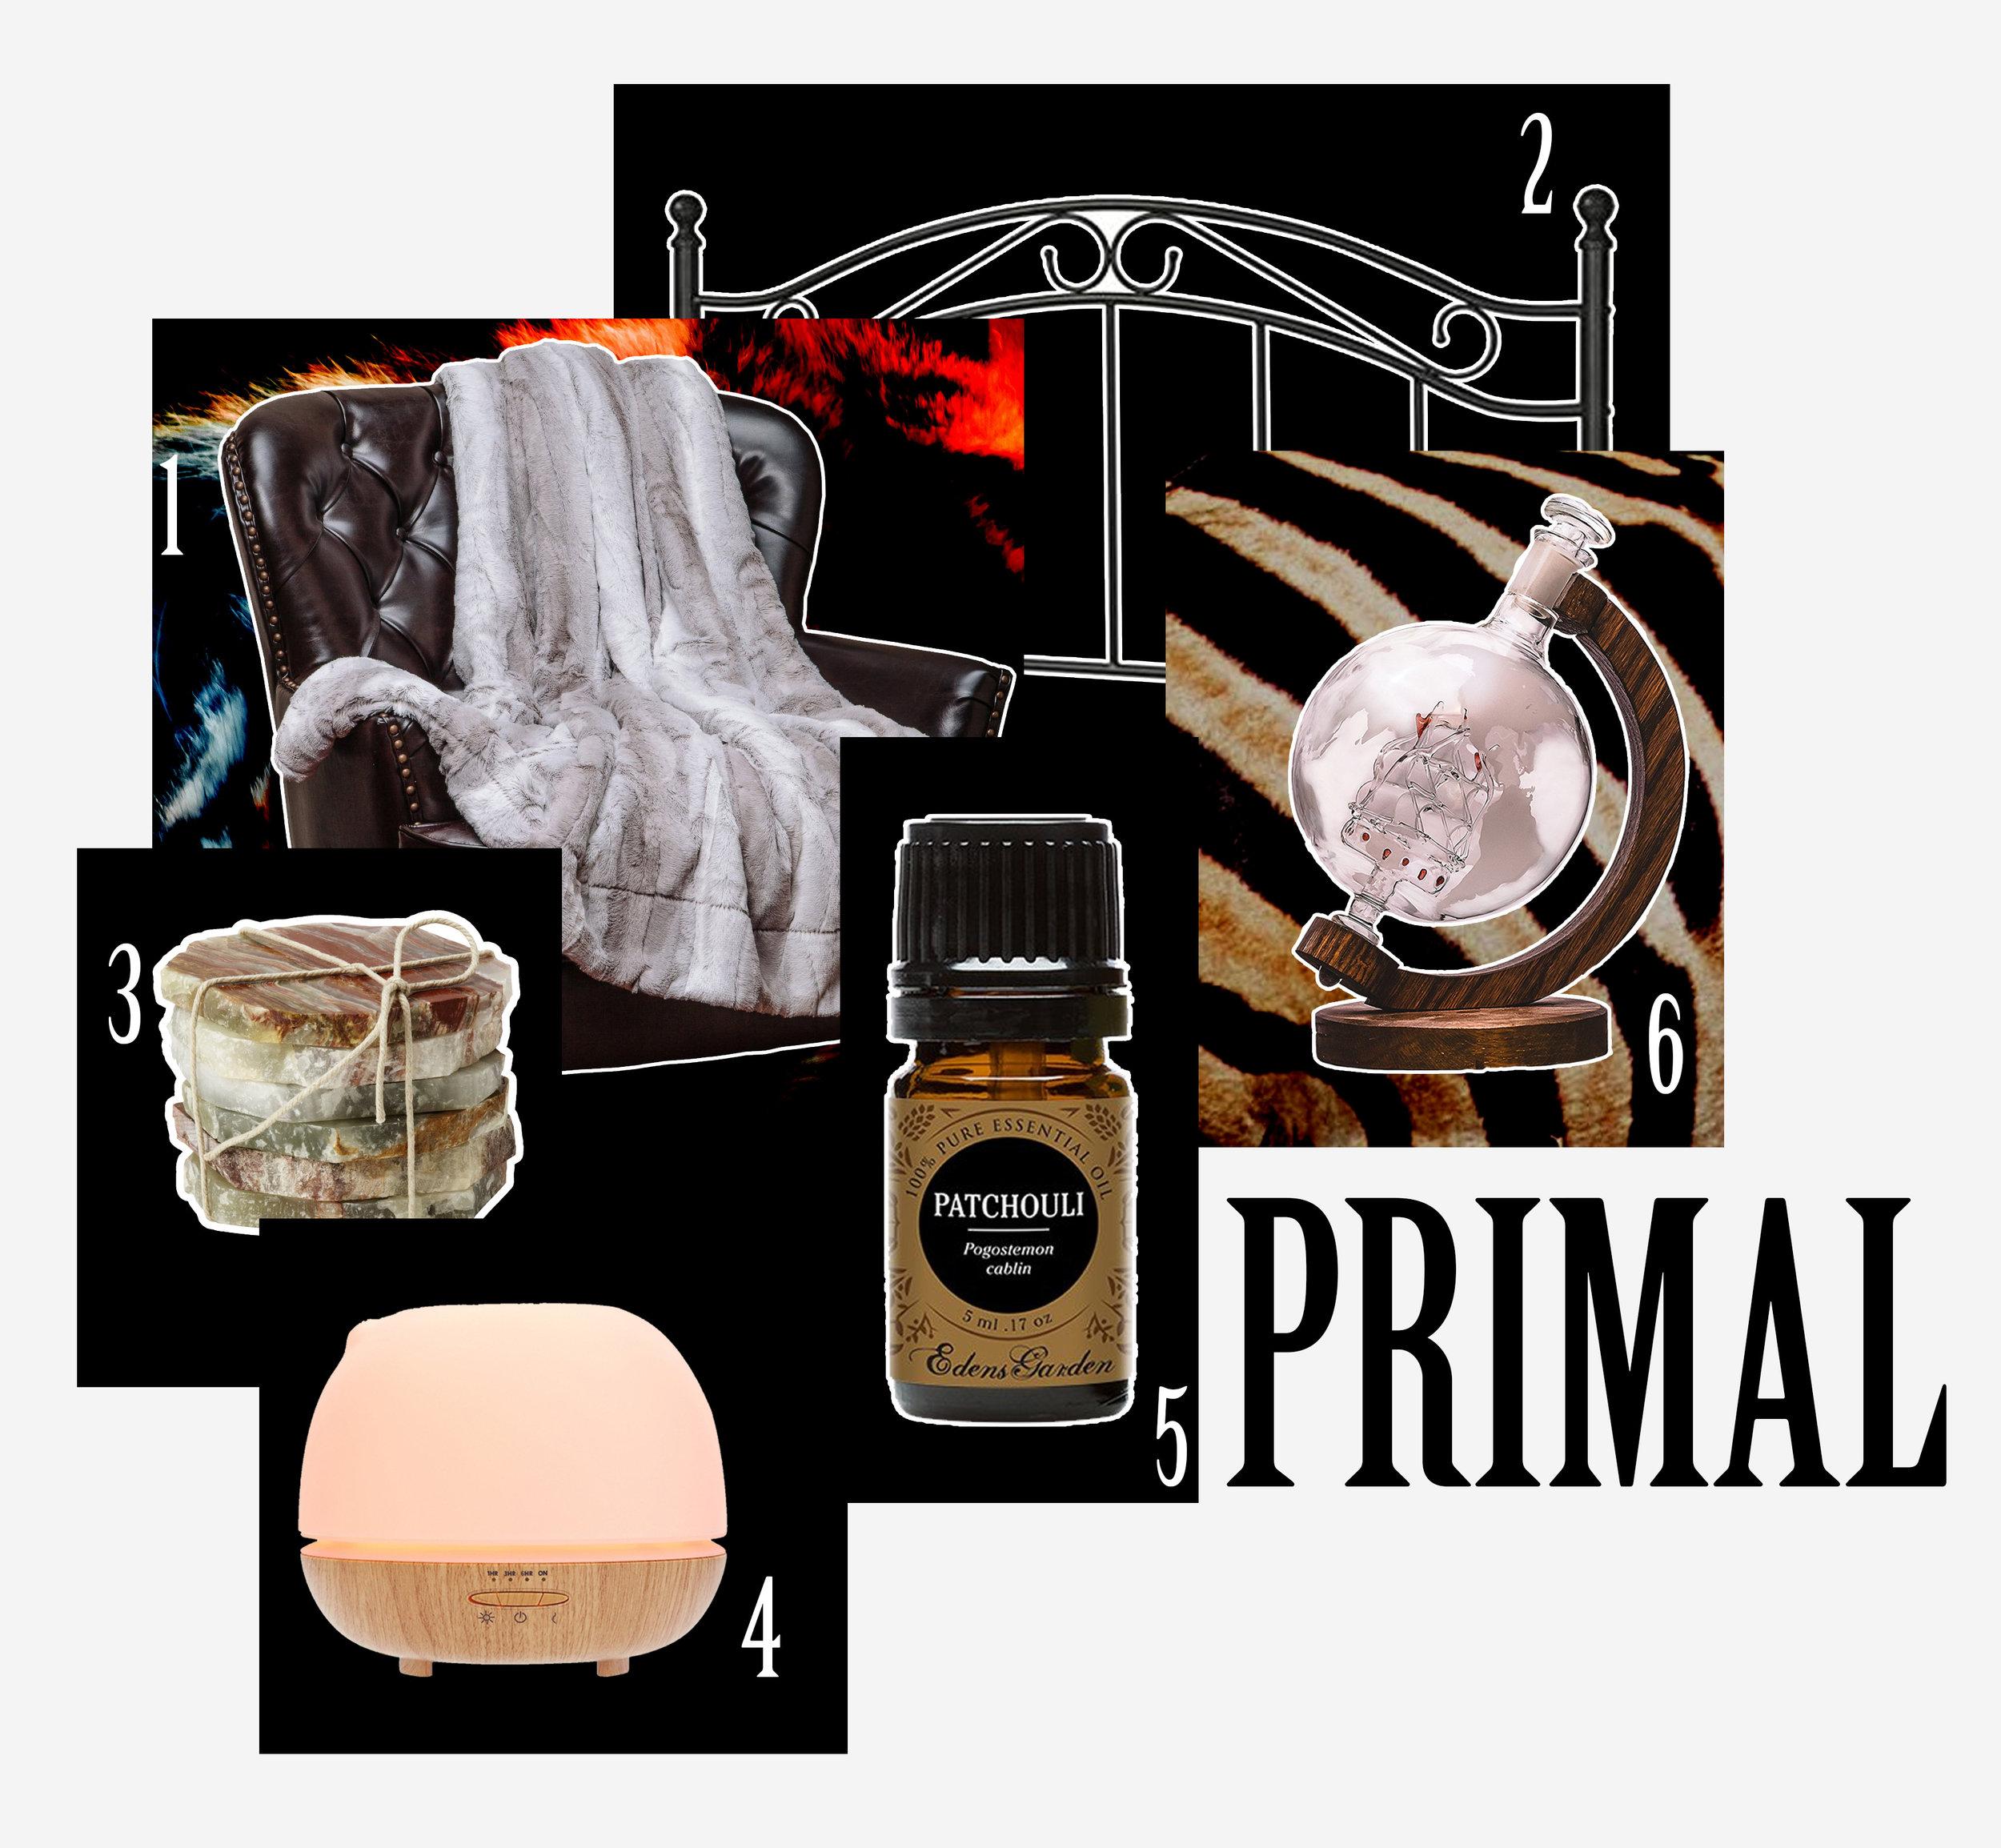 primal-2.jpg